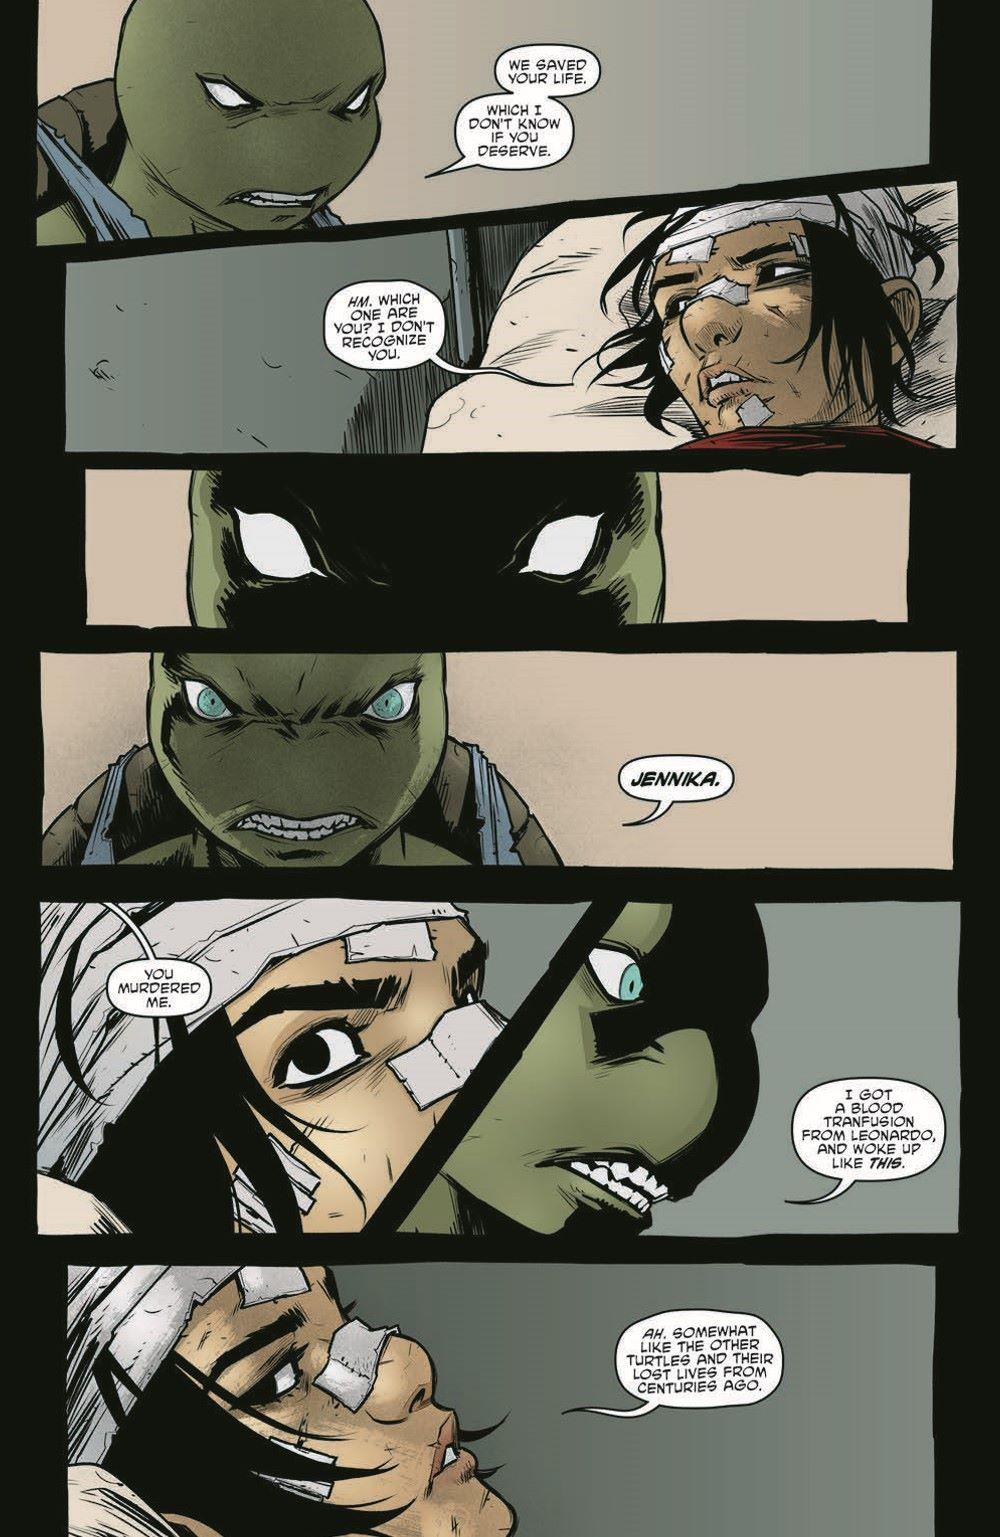 TMNT114_pr-7 ComicList Previews: TEENAGE MUTANT NINJA TURTLES #114